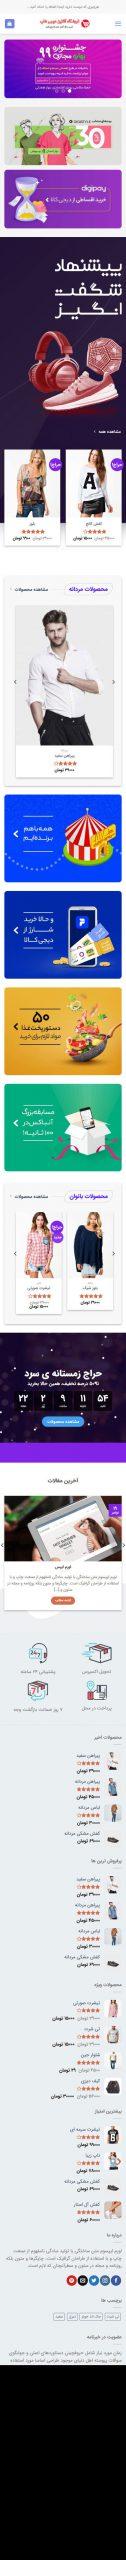 وب سایت فروشگاهی دیجی شاپ